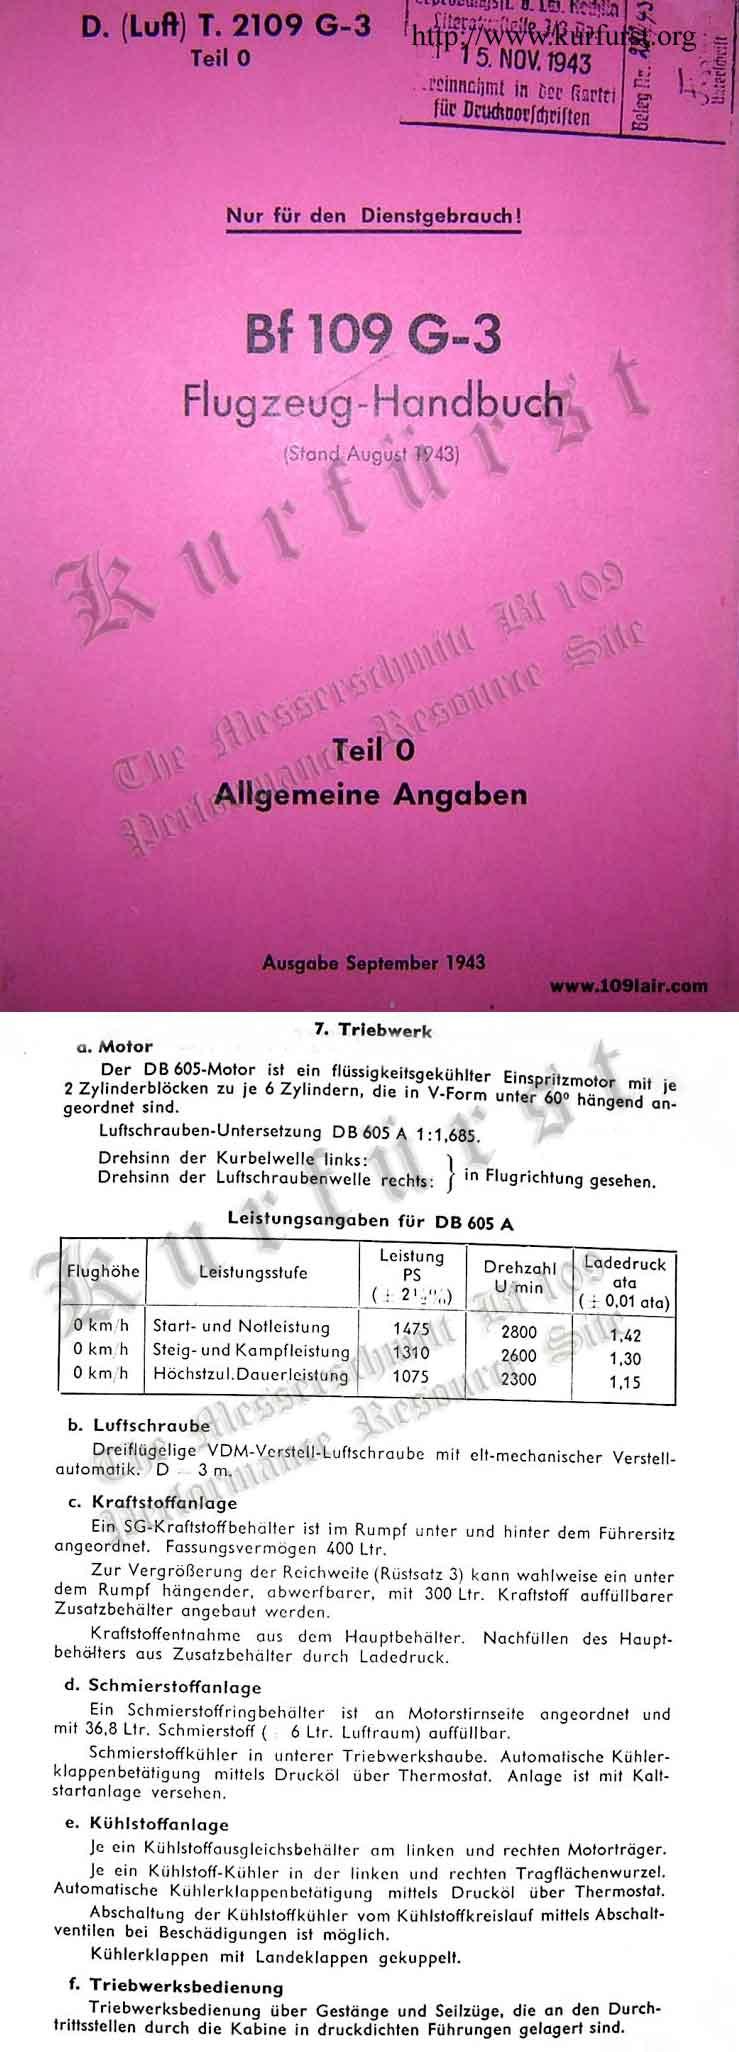 DB605A_clearance_Aug-29sept43_G3FzgHB-T0